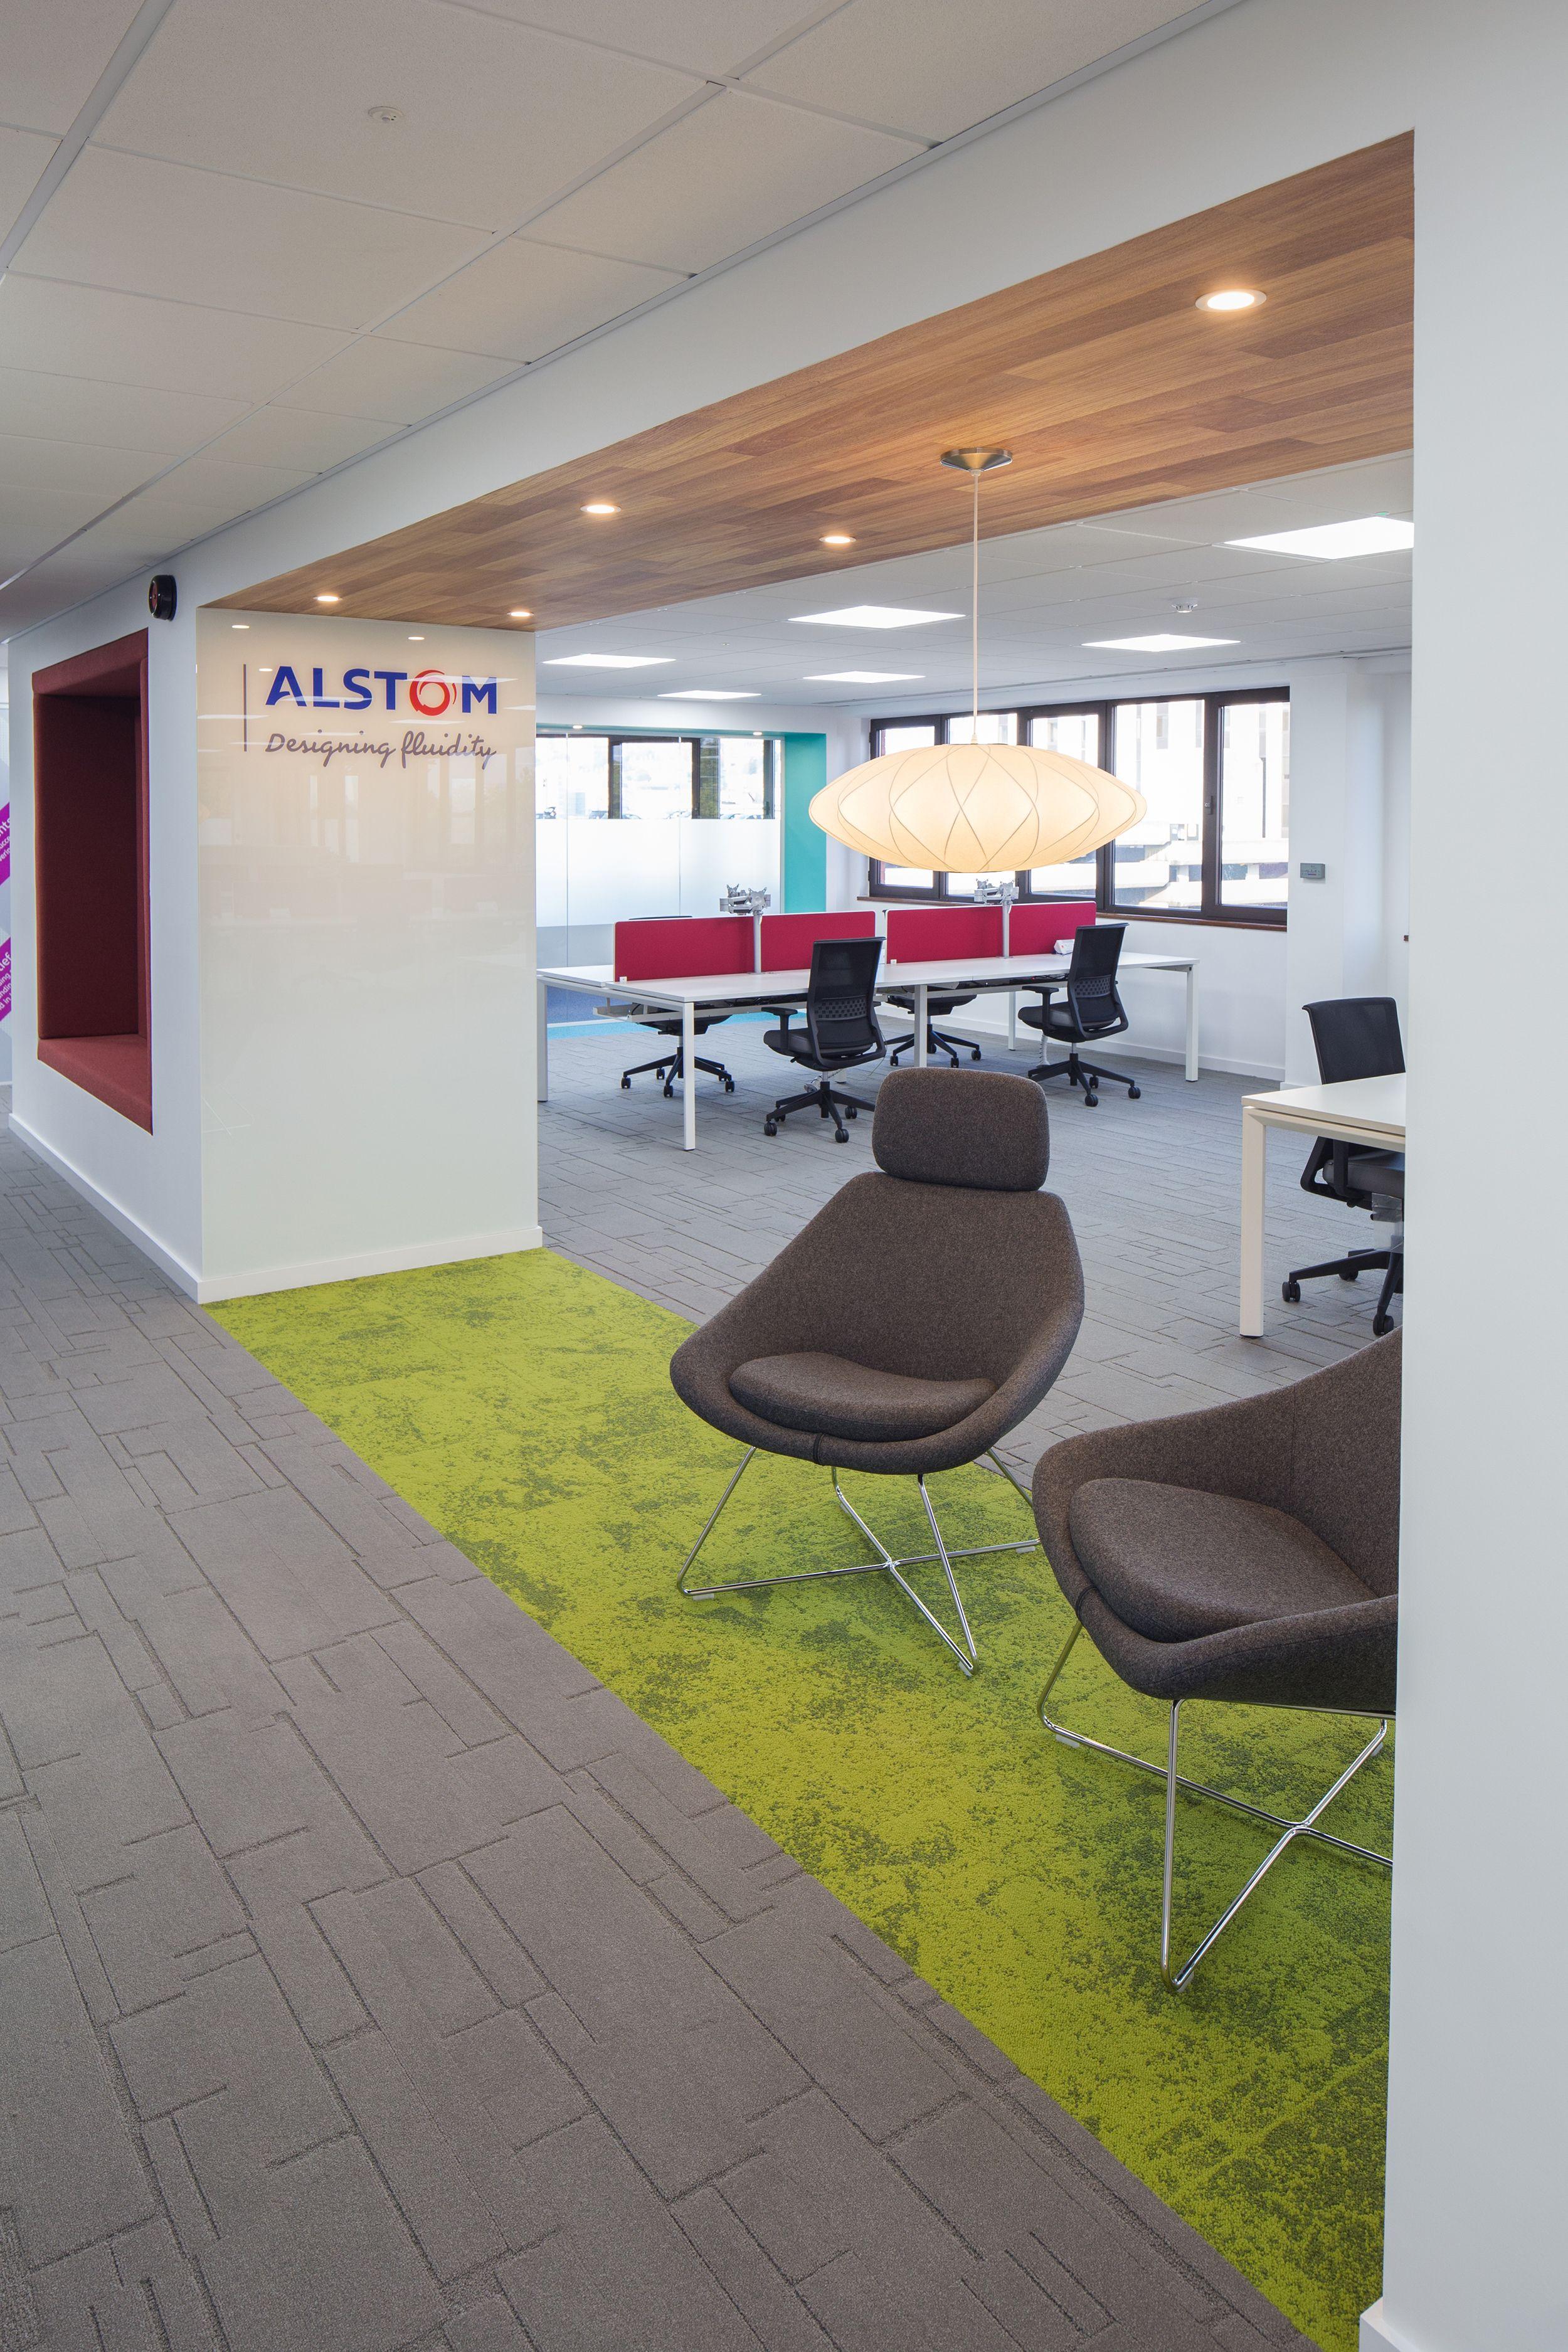 Alstom office interior design by amarelle